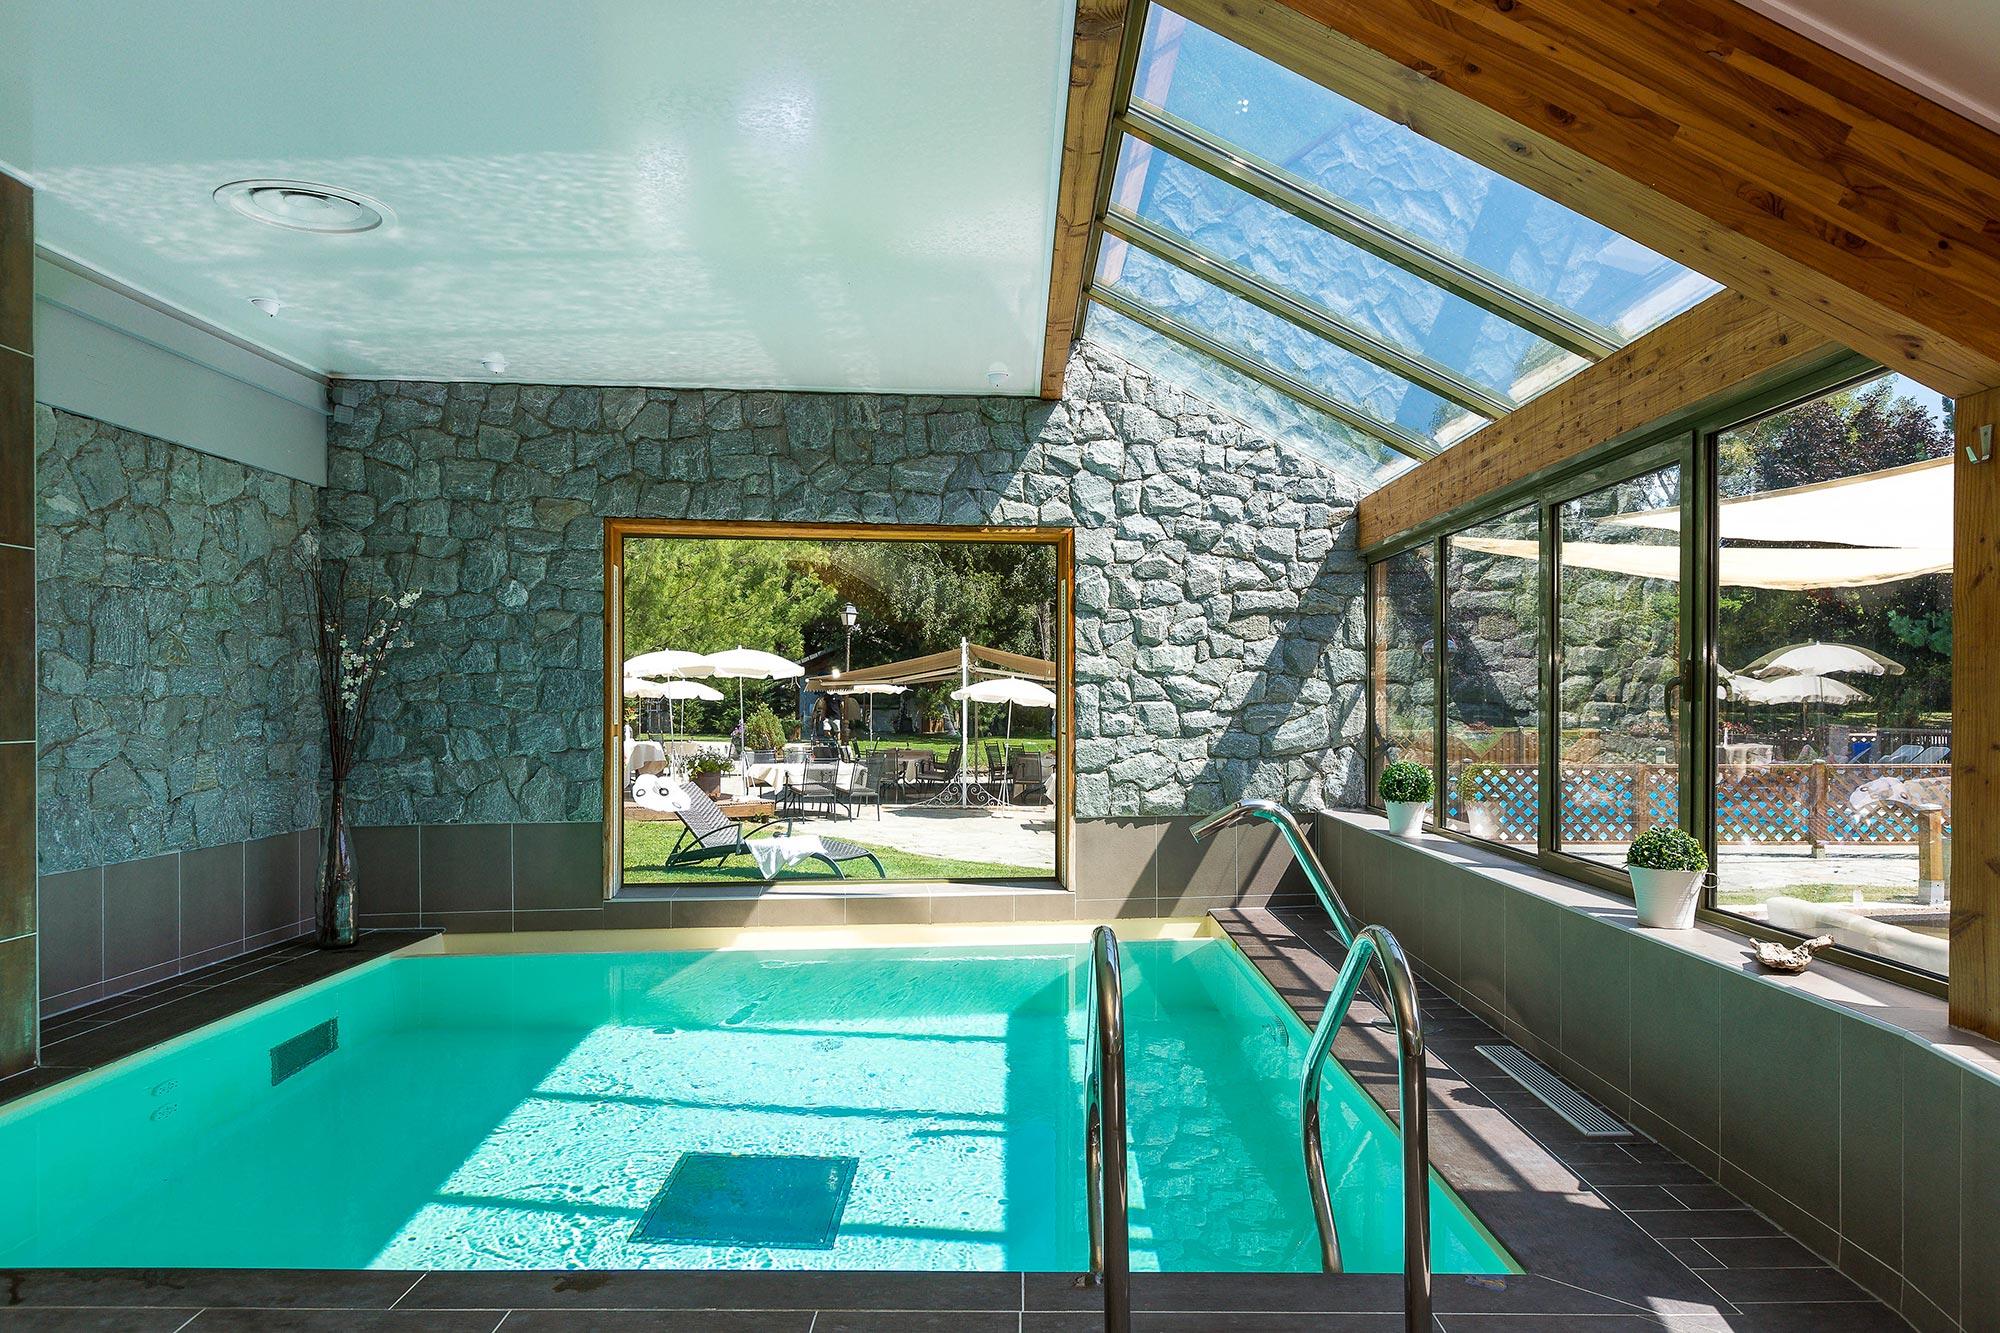 piscine intérieure avec toit en verrière et fenêtre panoramique sur l'extérieure